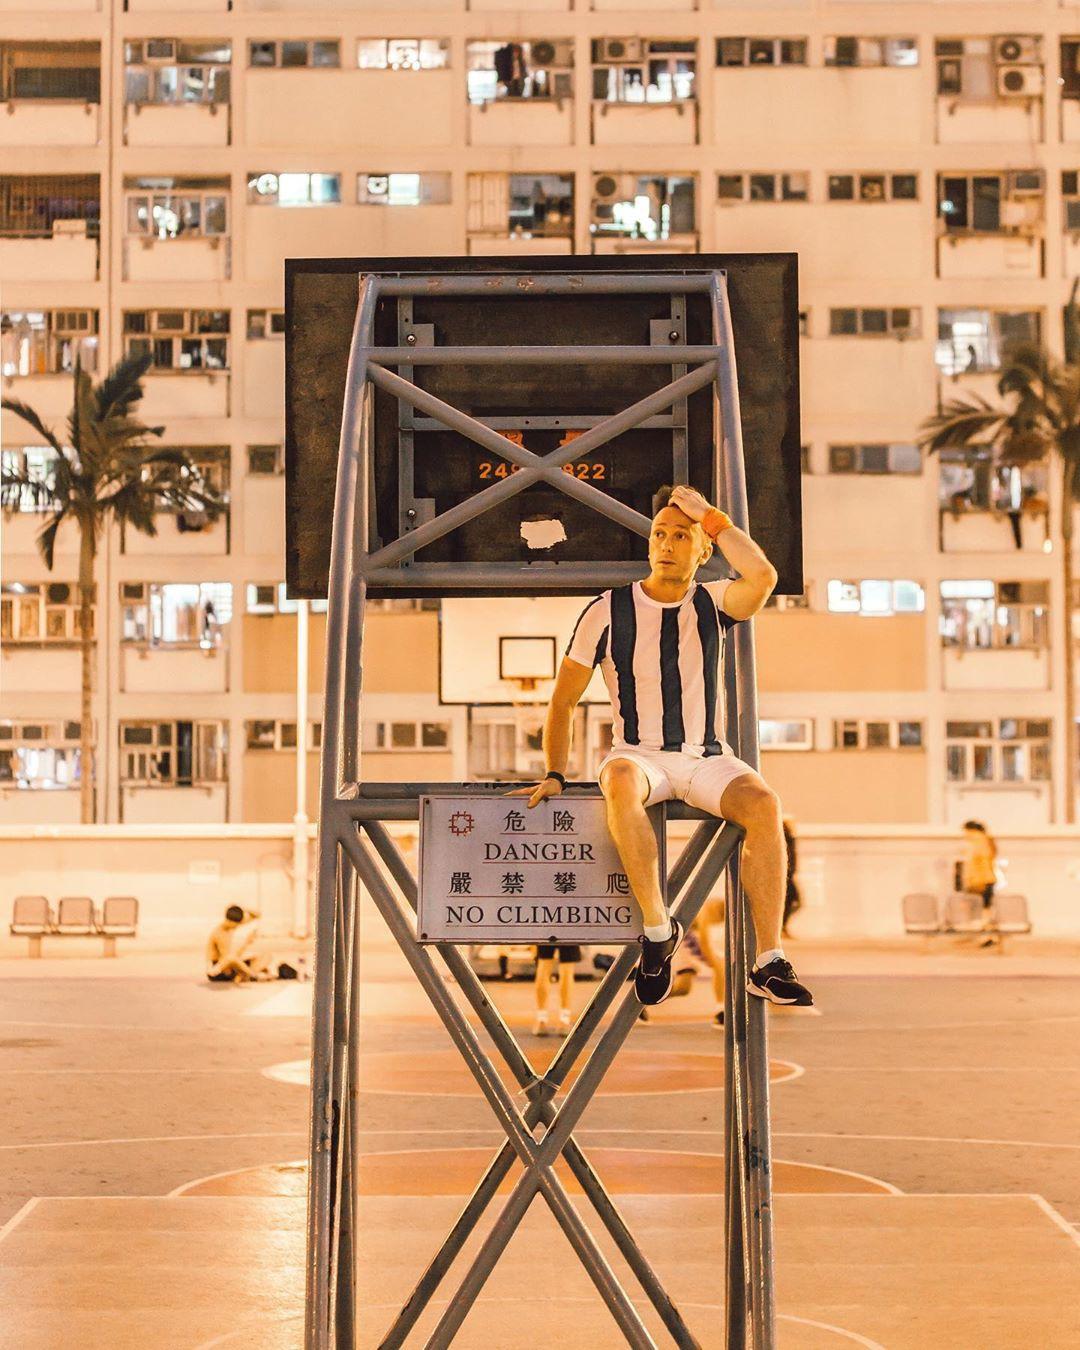 Bỏ túi ngay 8 điểm sống ảo nổi tiếng ở Hong Kong, vị trí thứ 2 hot đến nỗi còn lọt vào top được check-in nhiều nhất trên Instagram! - Ảnh 9.